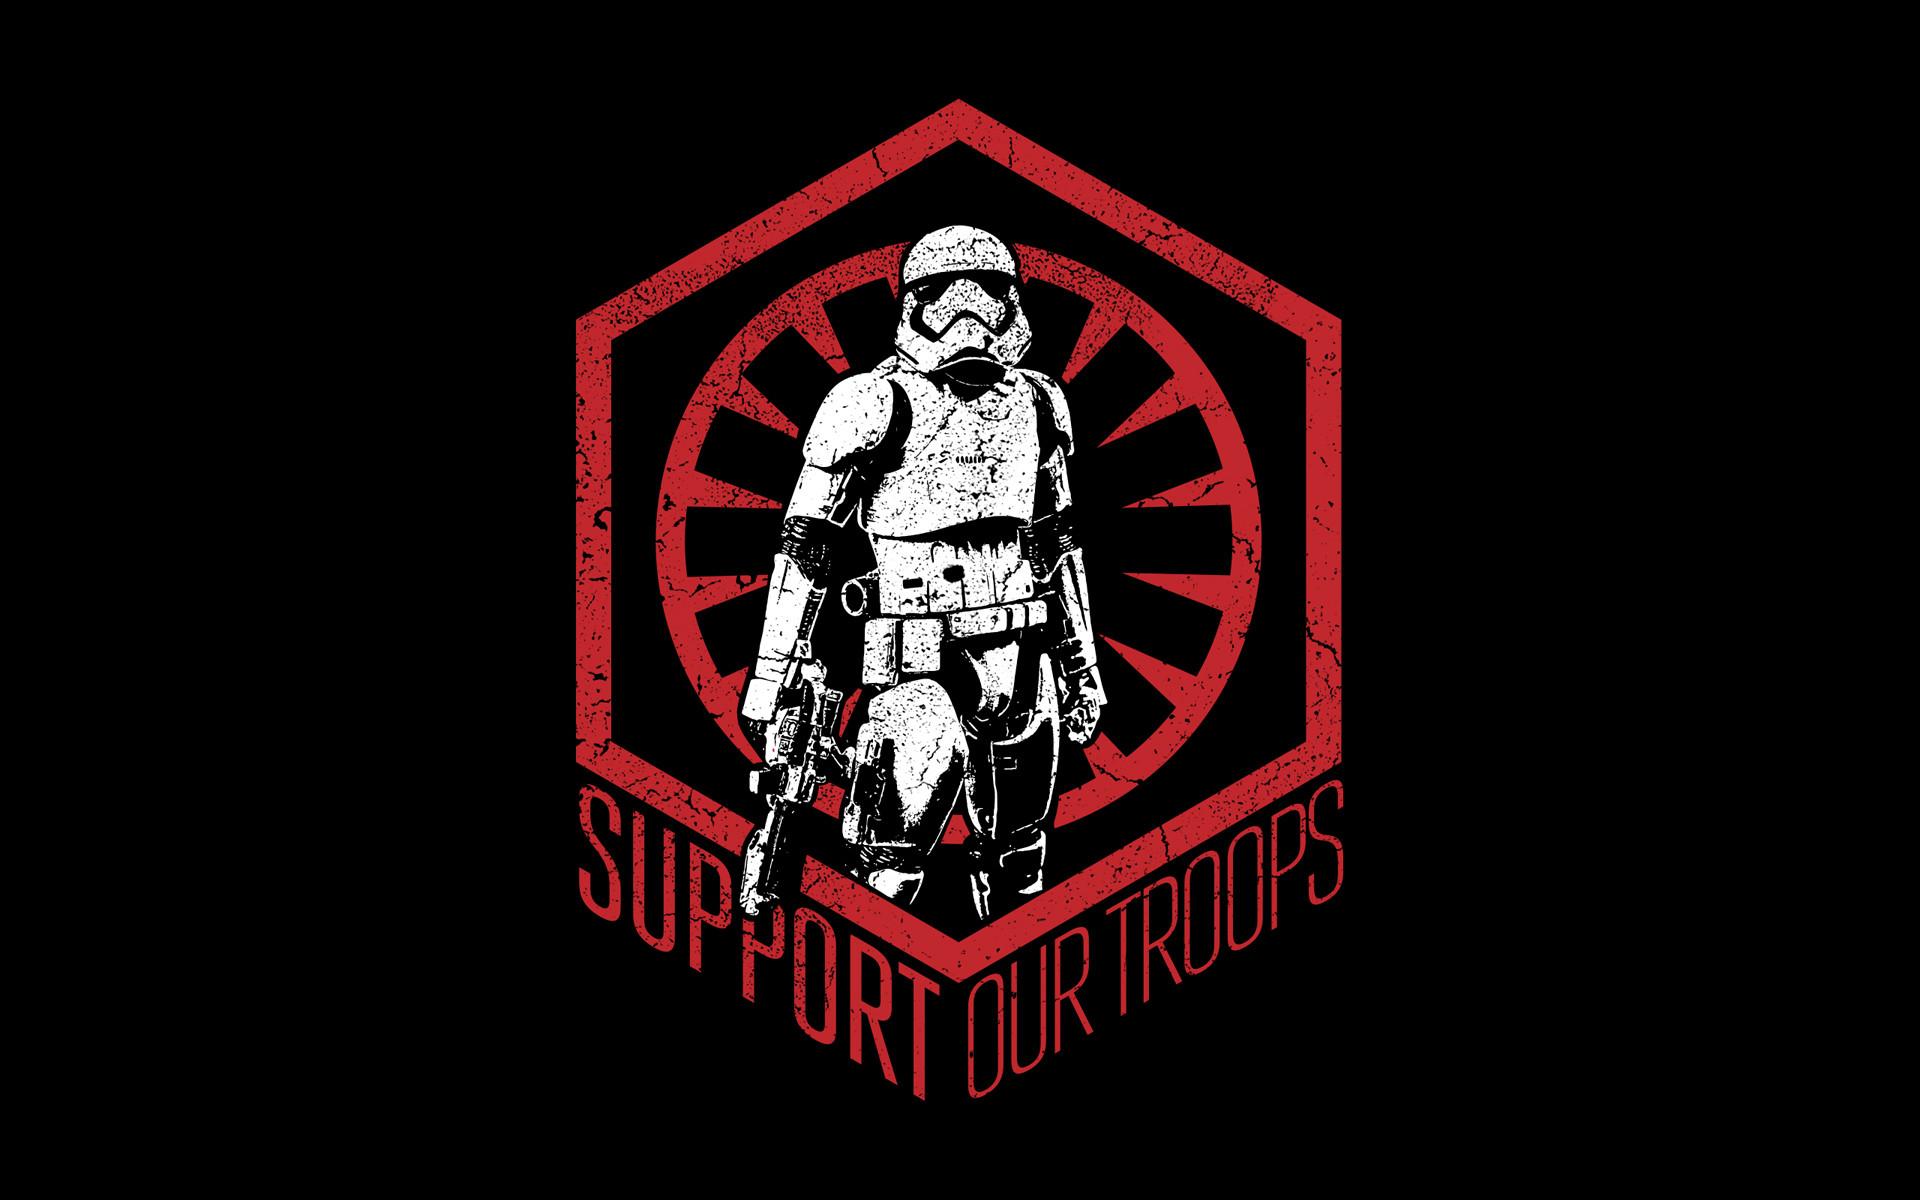 Force Awakens Stormtrooper Wallpaper – WallpaperSafari